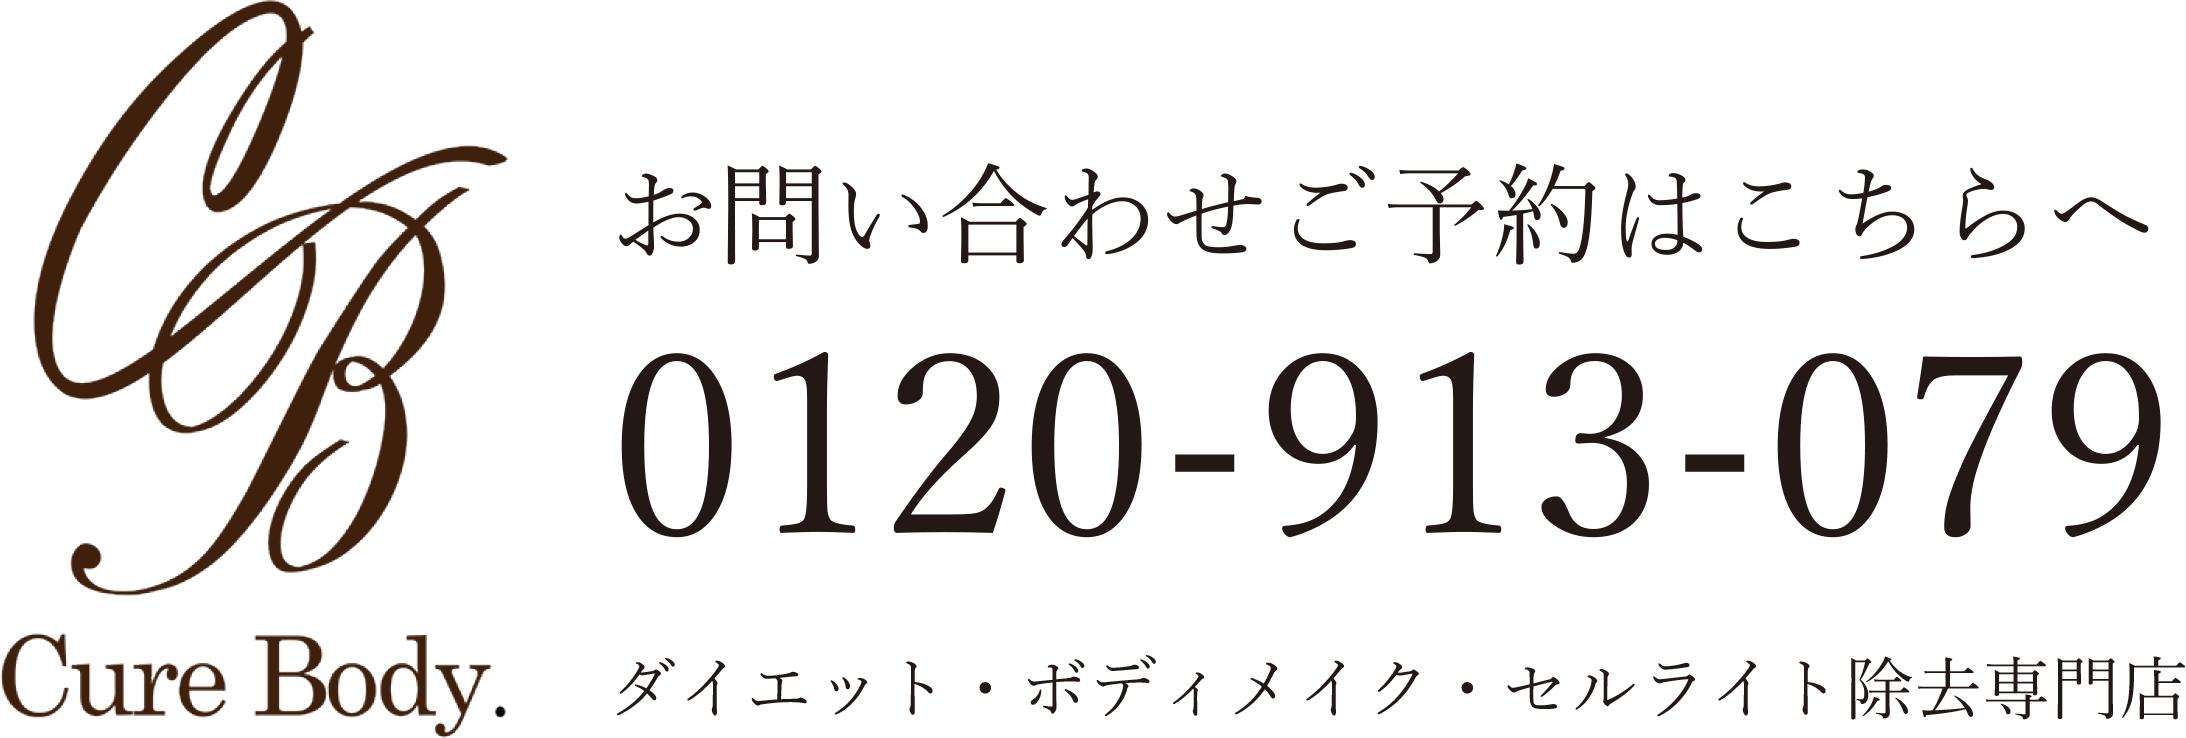 お問い合わせ・ご予約電話番号